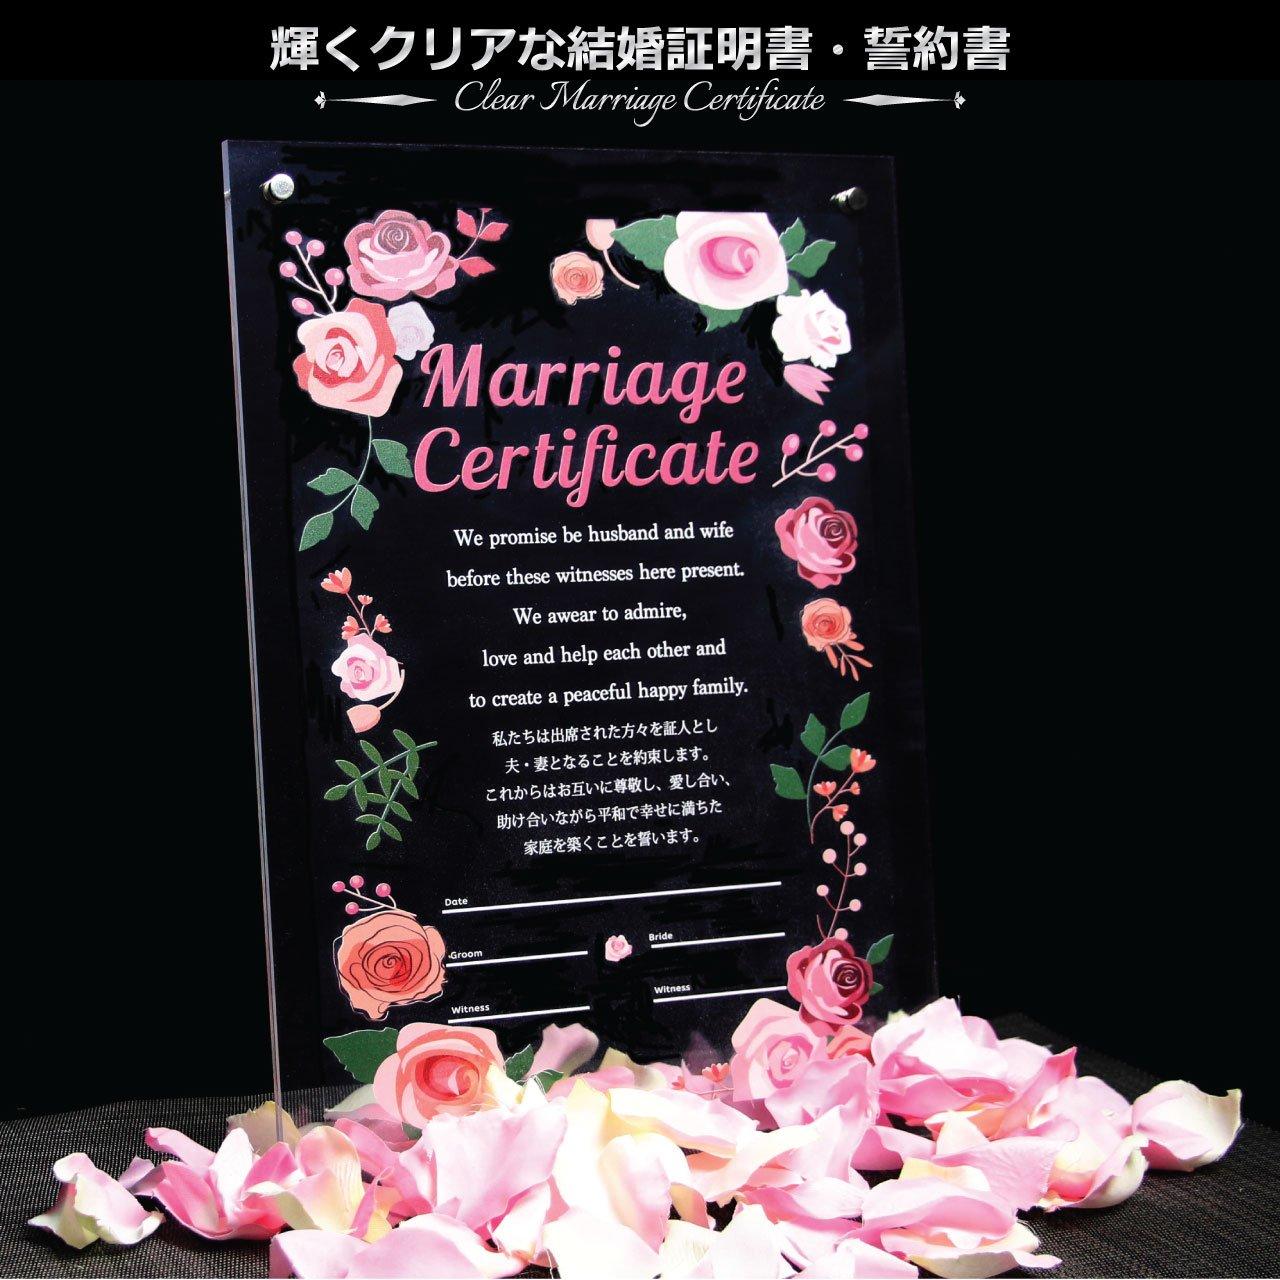 輝くクリアで おしゃれな アクリル 結婚証明書 神前式 人前式 チャペル式 など対応 A4サイズ (Rose) B079JN6YN5 Rose Rose